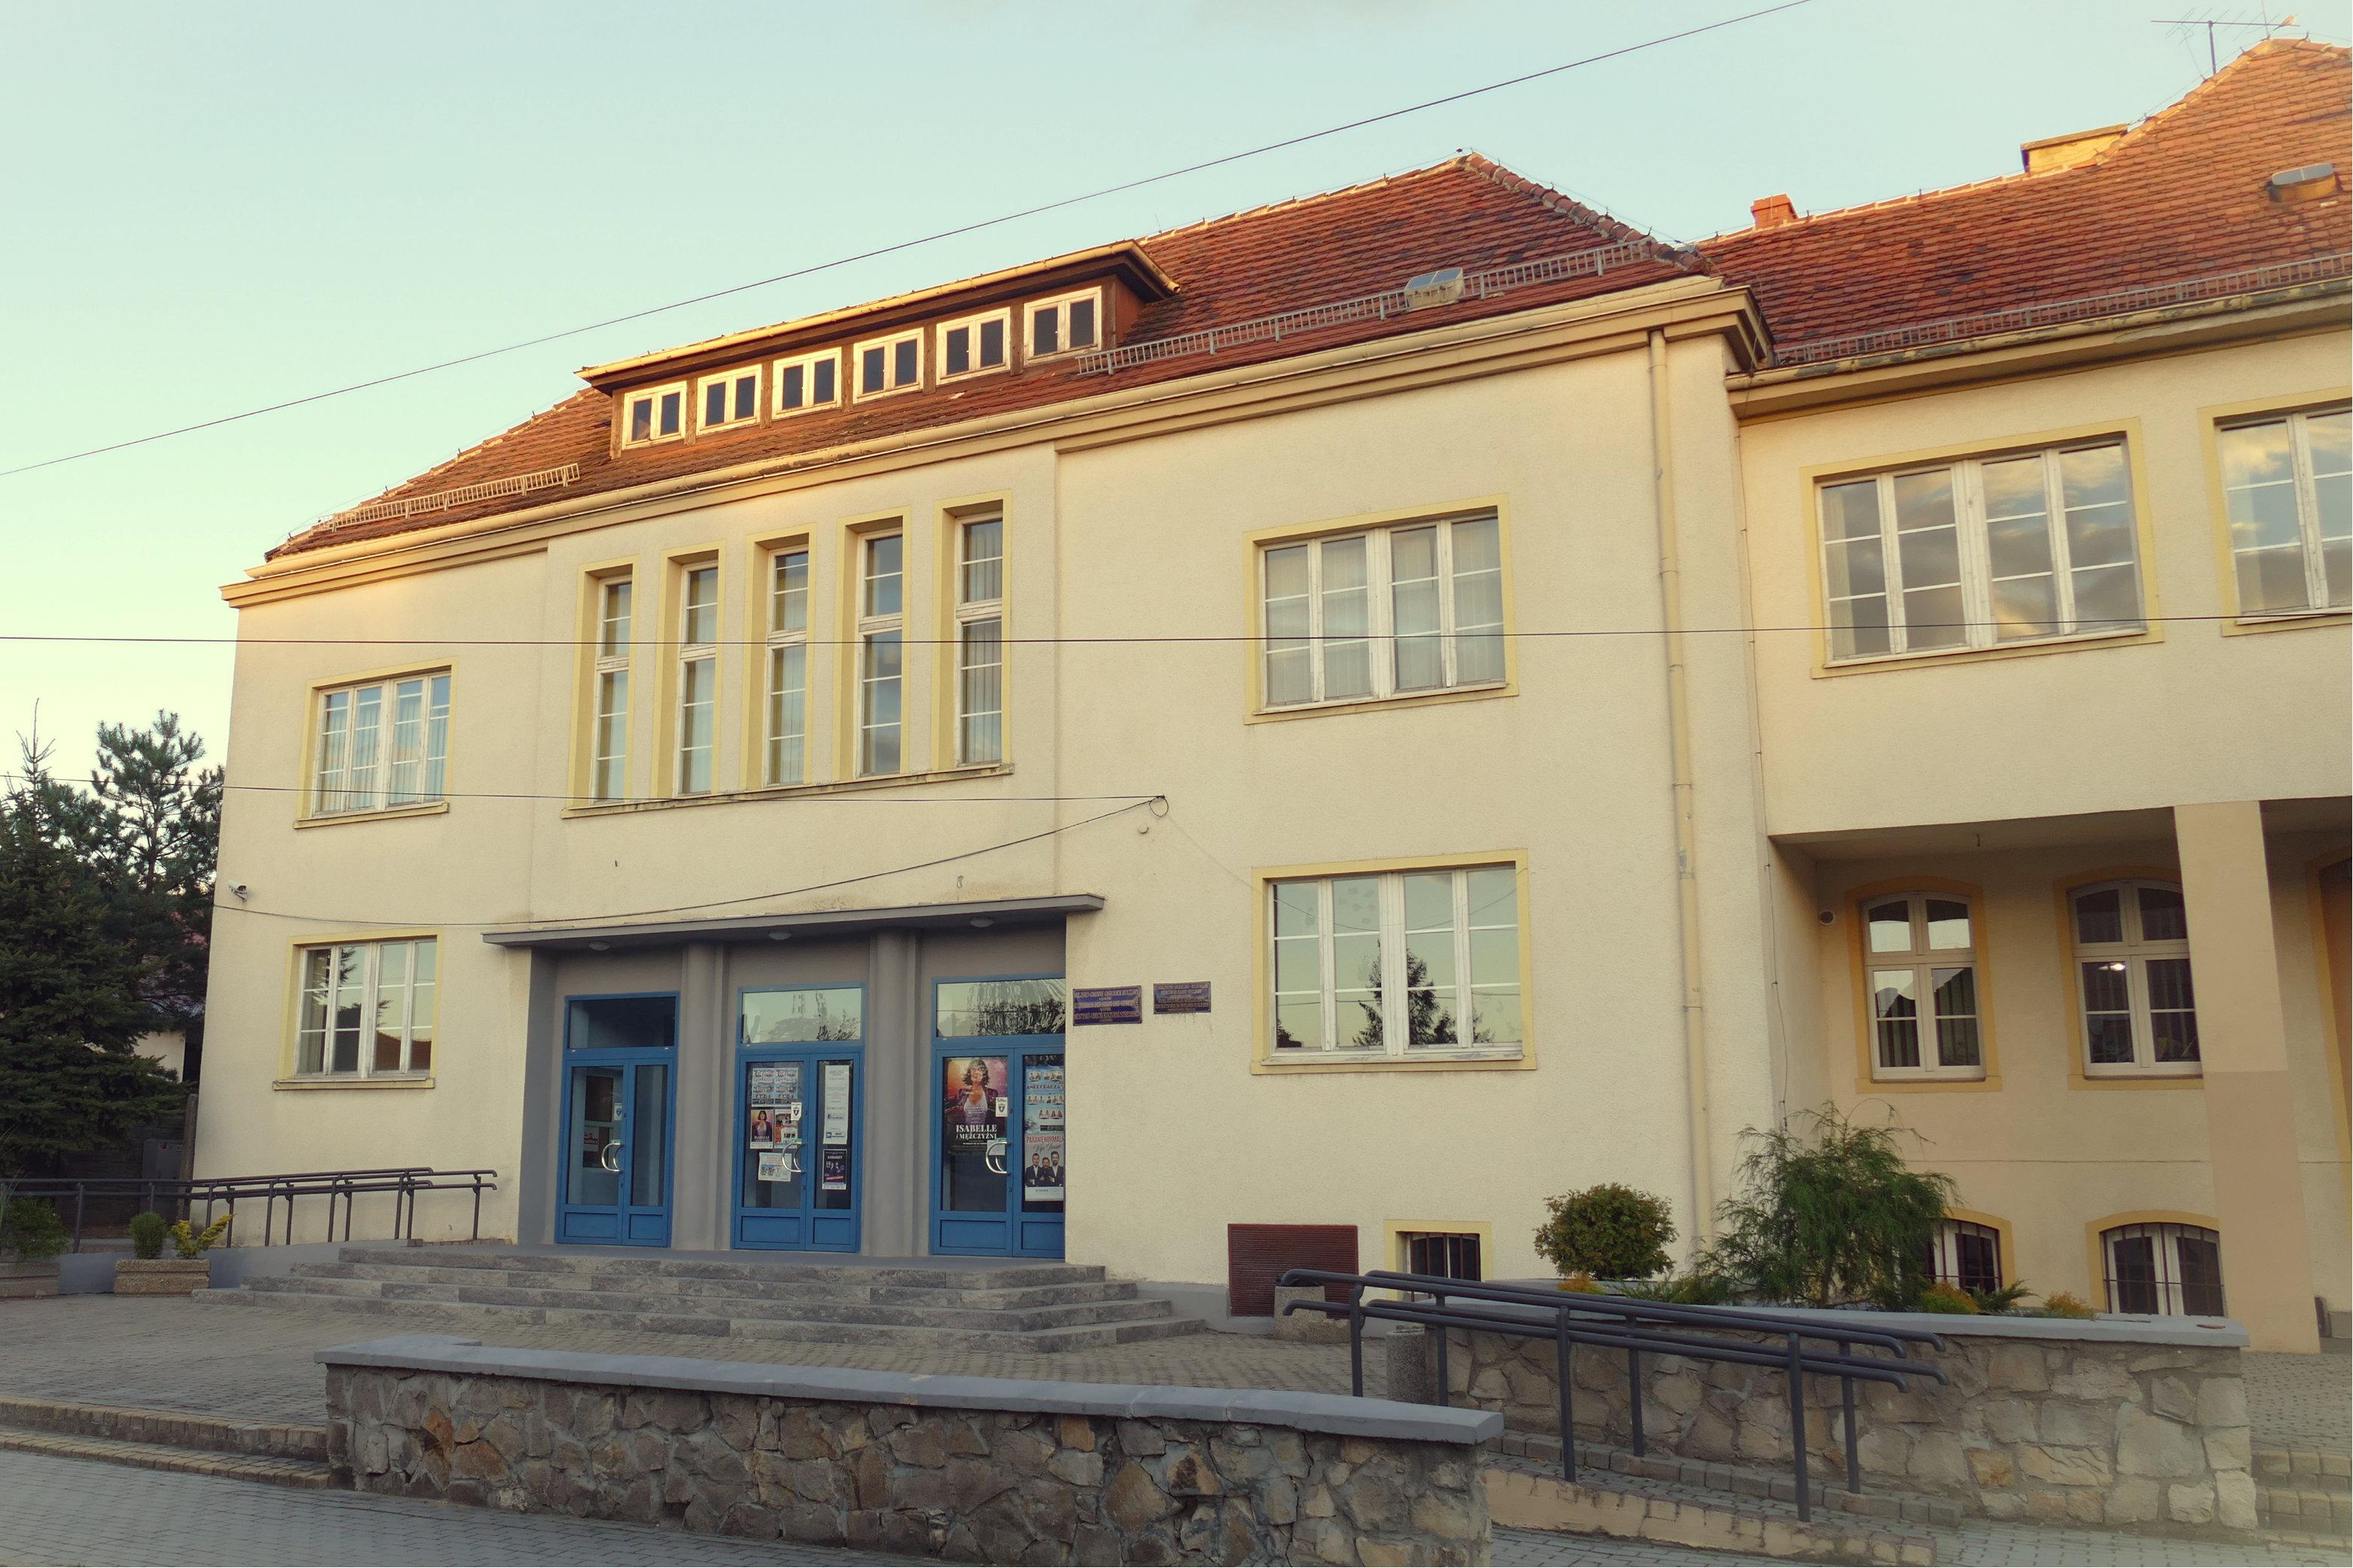 Miejsko-Gminny Ośrodek Kultury w Głogówku © Małgorzata Ślusarczyk